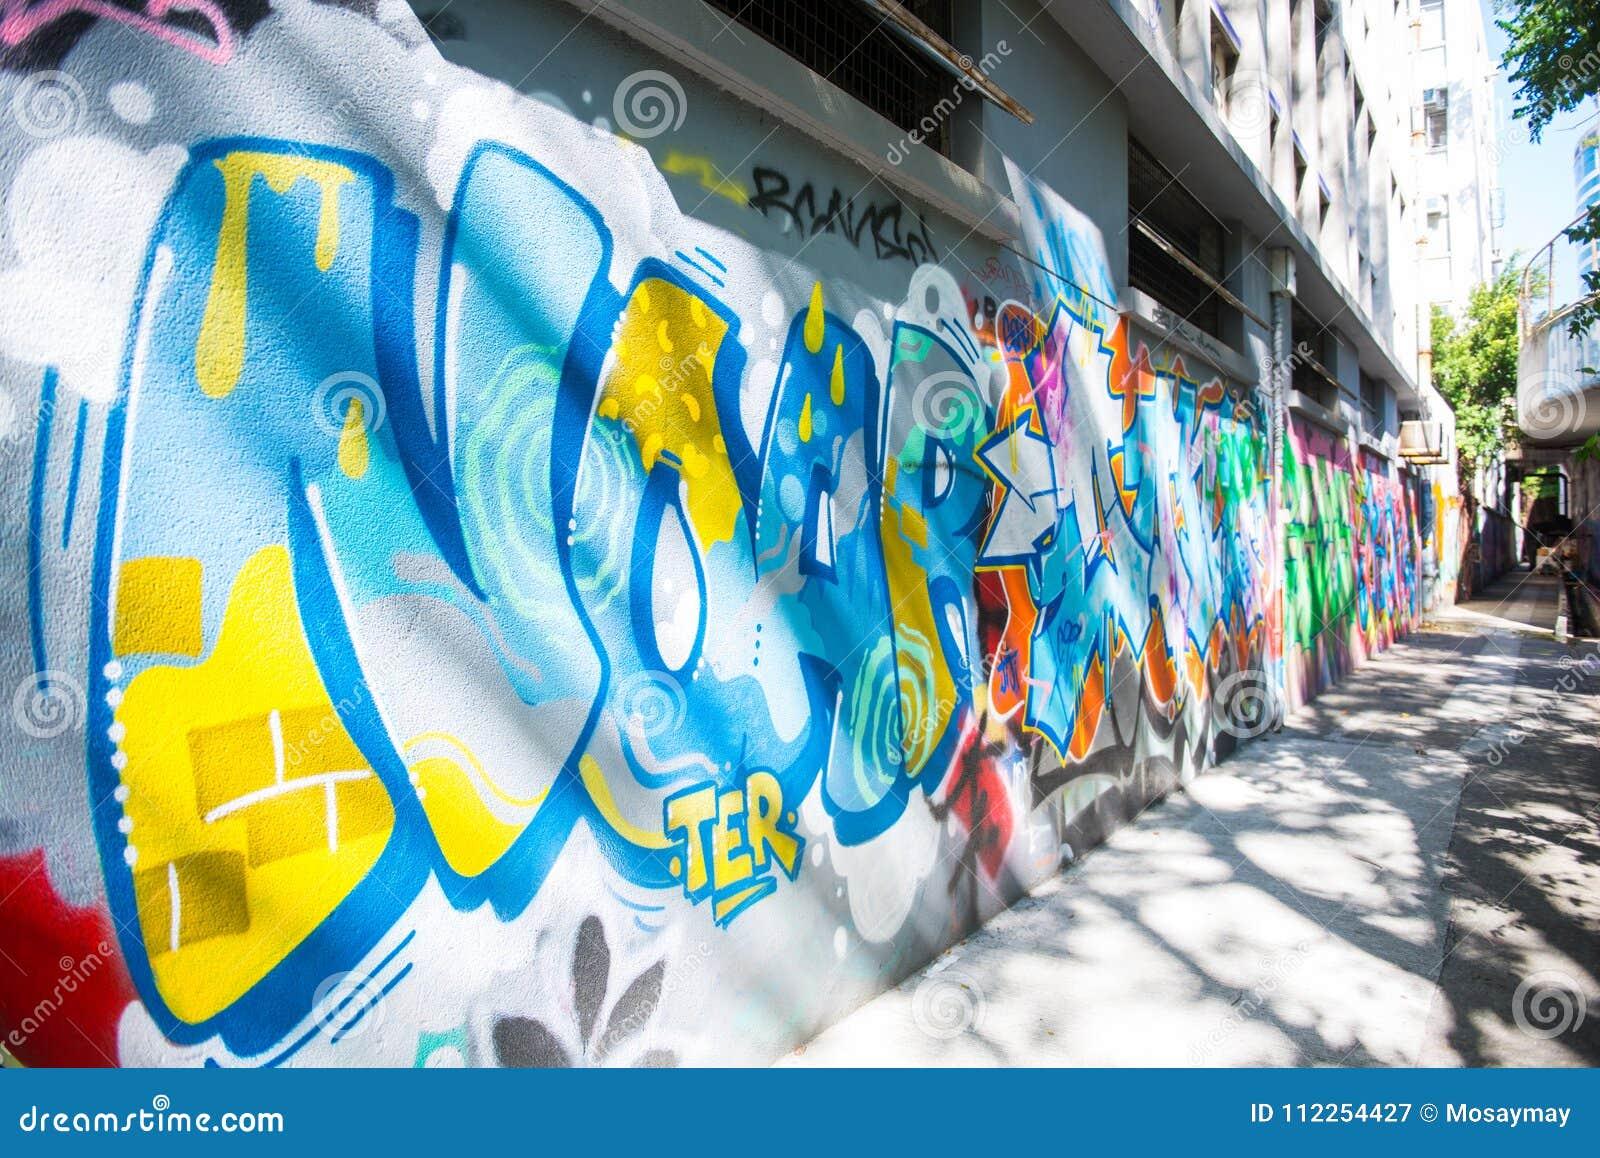 De muur van de Mongkokgraffiti van bekendheid wordt gevestigd niet verre van Argyle-streptokok